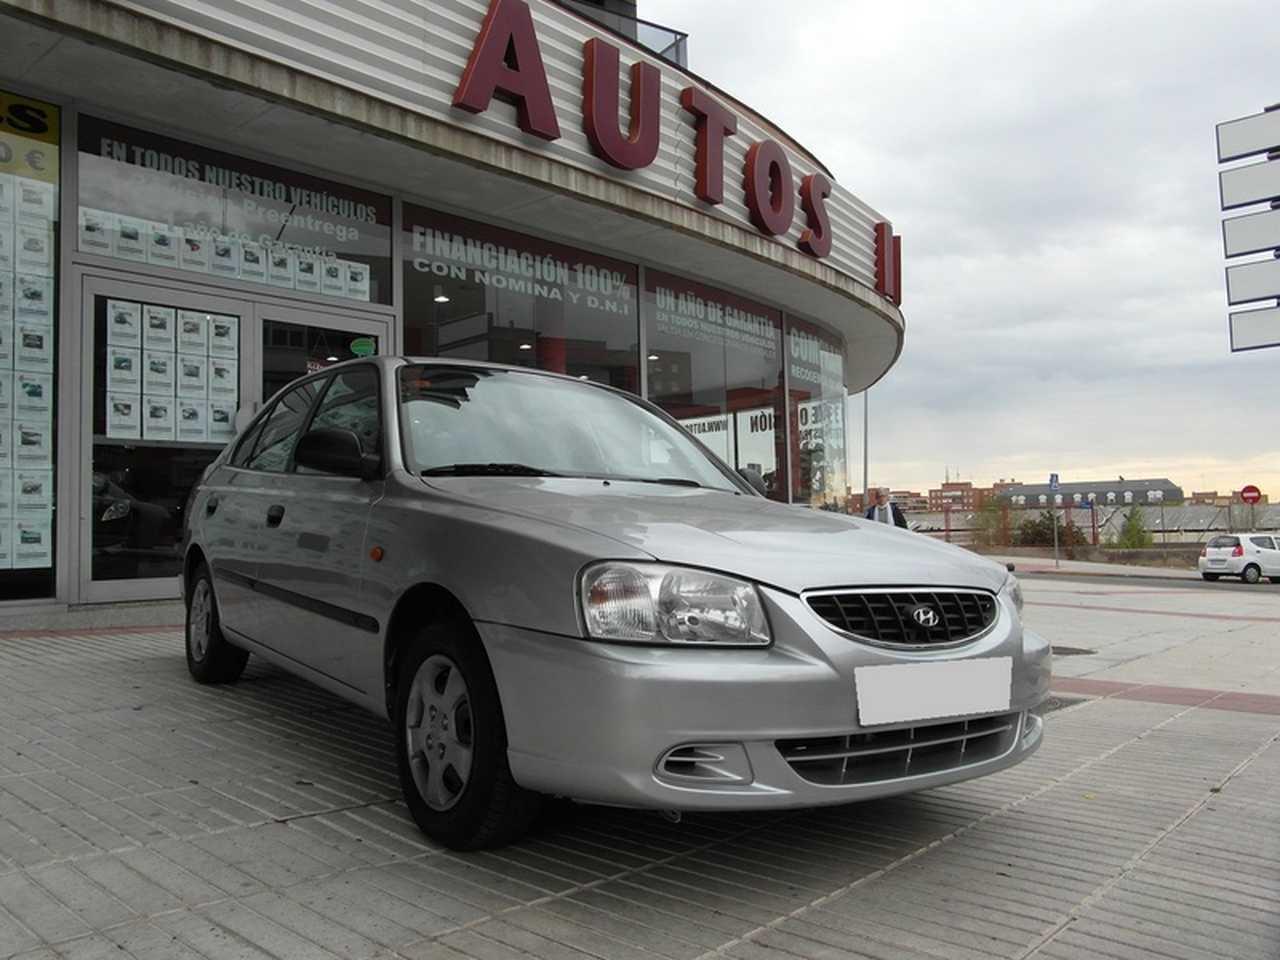 Hyundai Accent 1.3 I GL 12V  85 CV MUY CUIDADO  - Foto 1